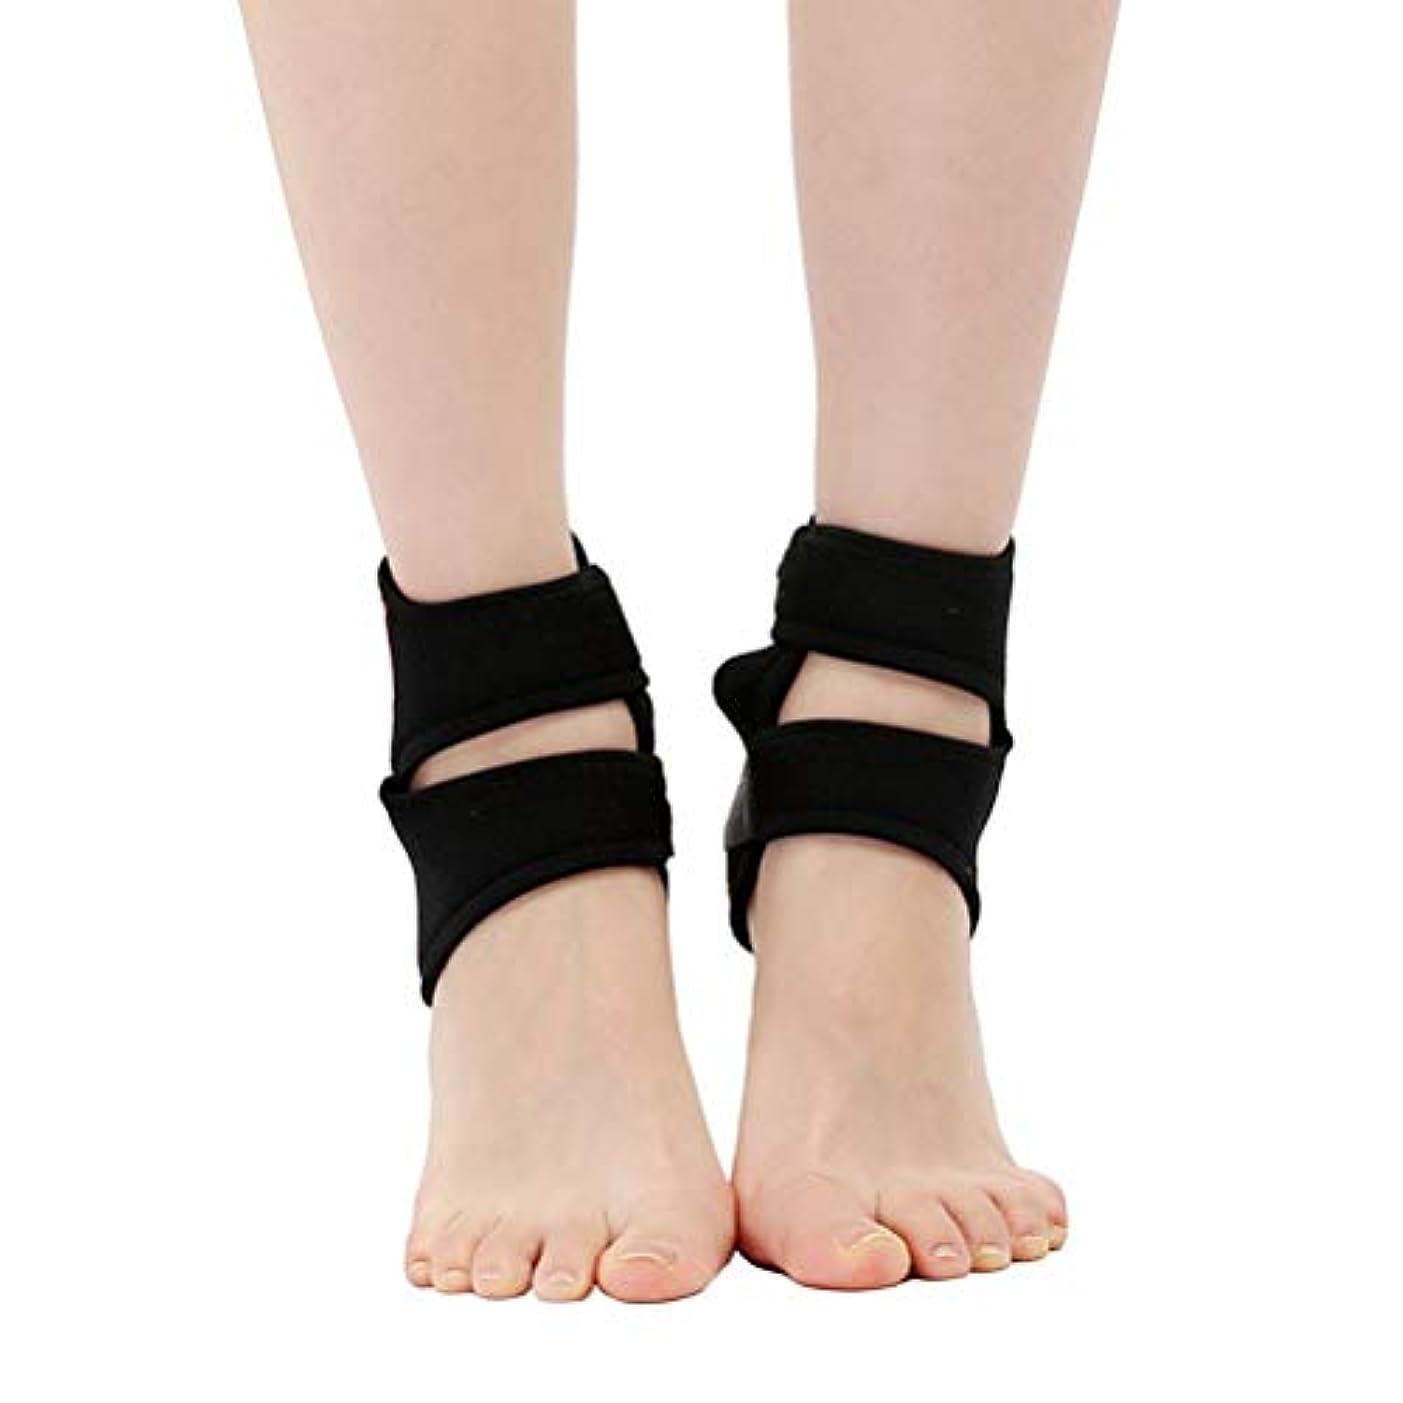 兵器庫移行する防衛Healifty 2Pcs調節可能な足首捻挫サポートストラップ足首保護ブレース用スポーツ保護